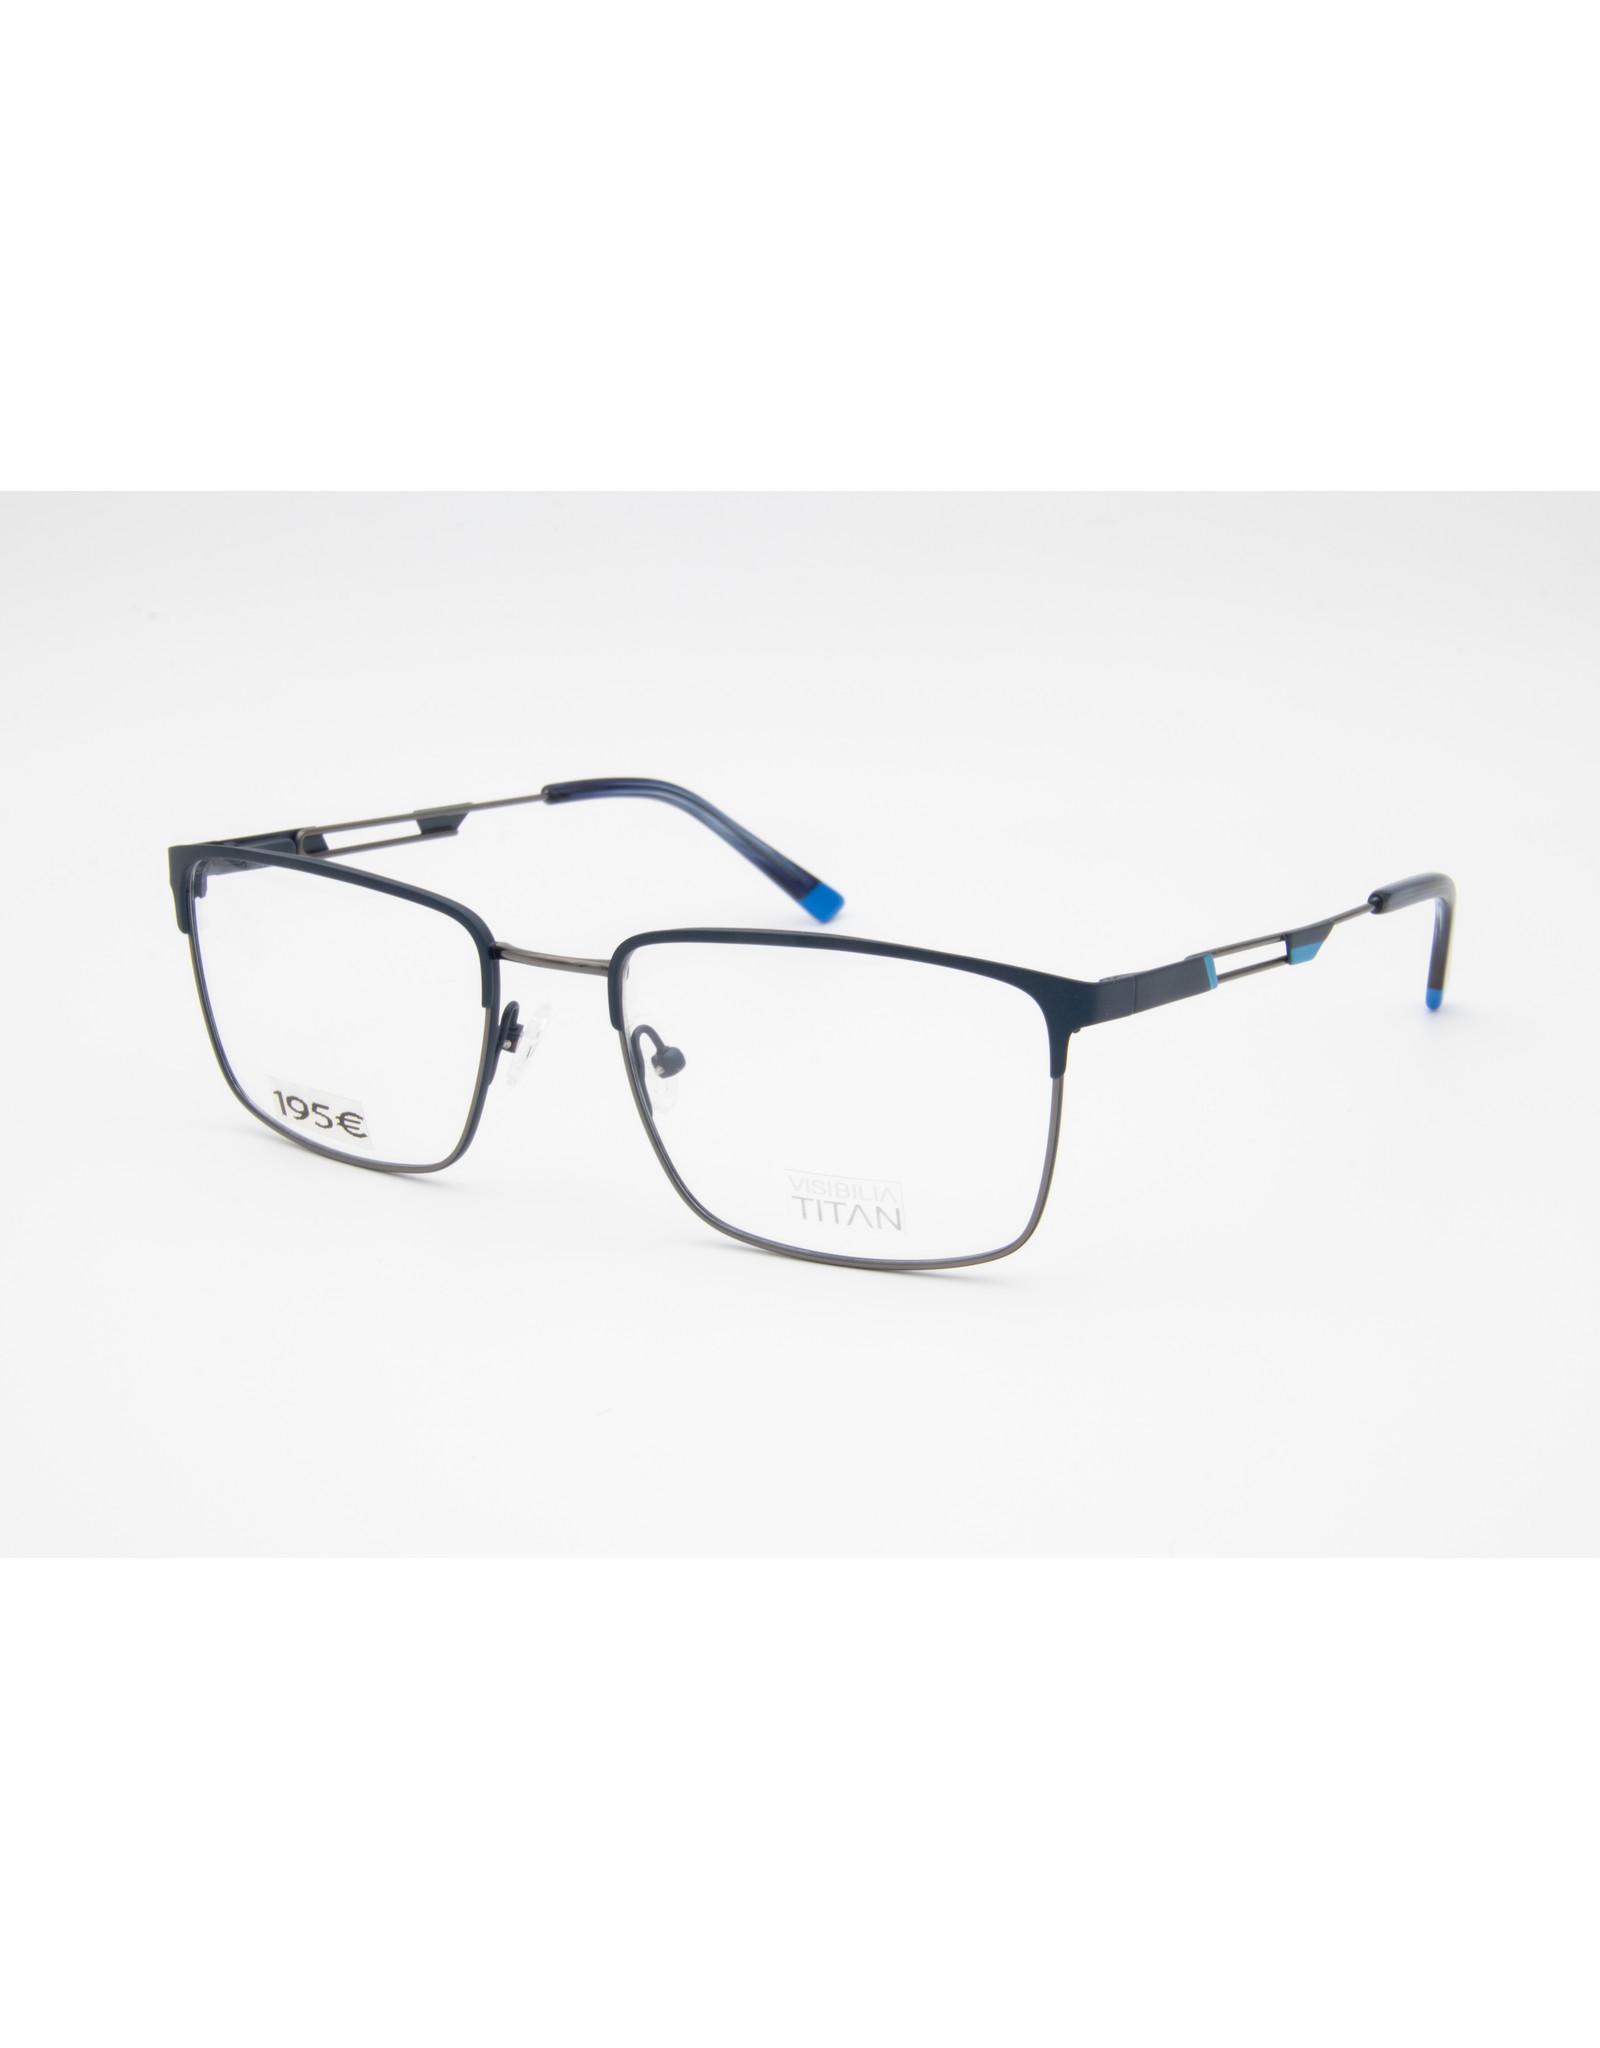 Moxxi titan33399 119 (blue)